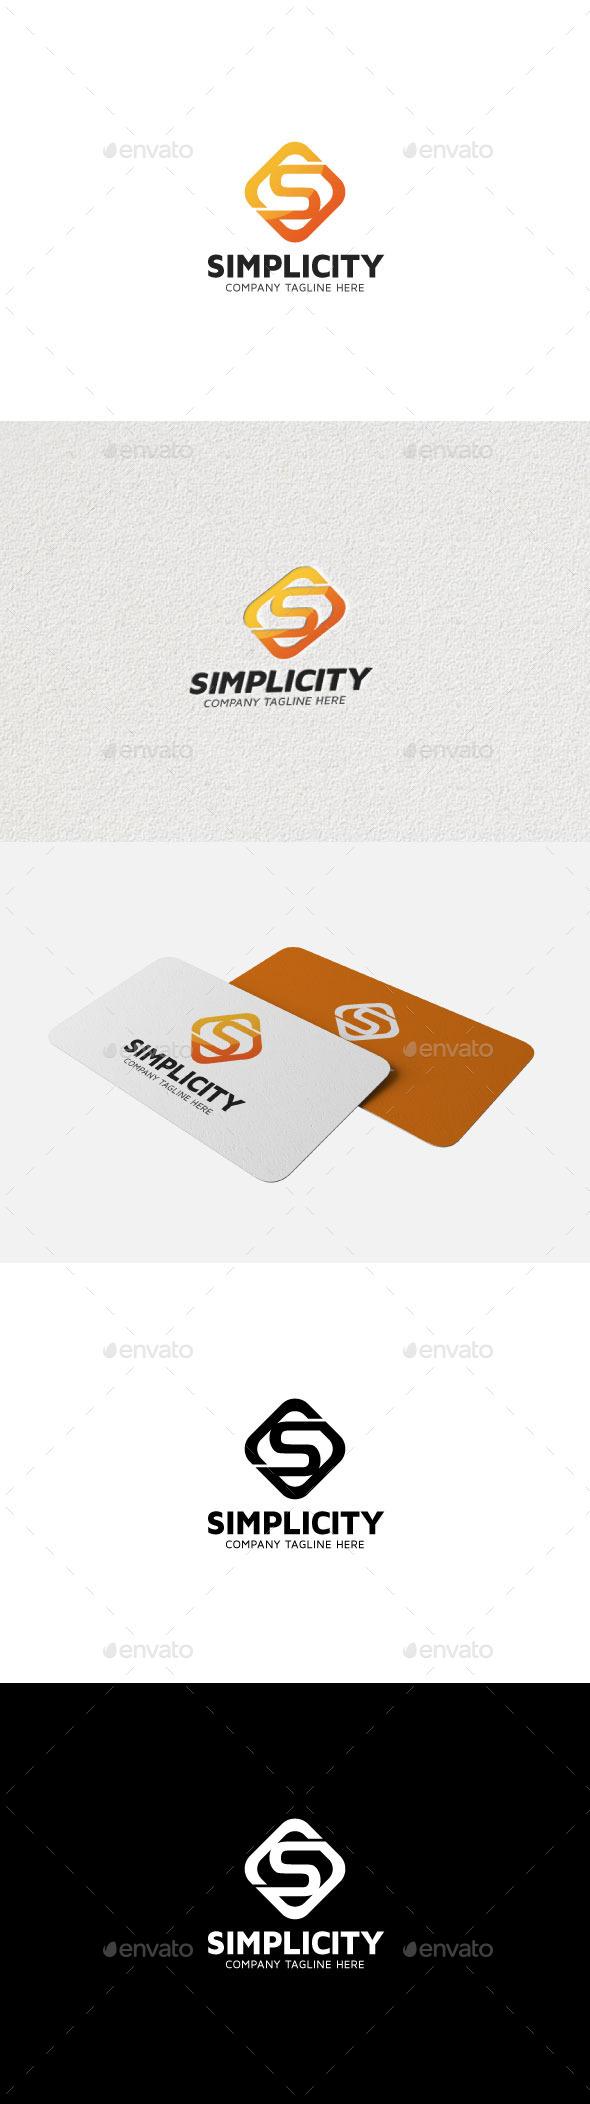 GraphicRiver Simplicity 8803799